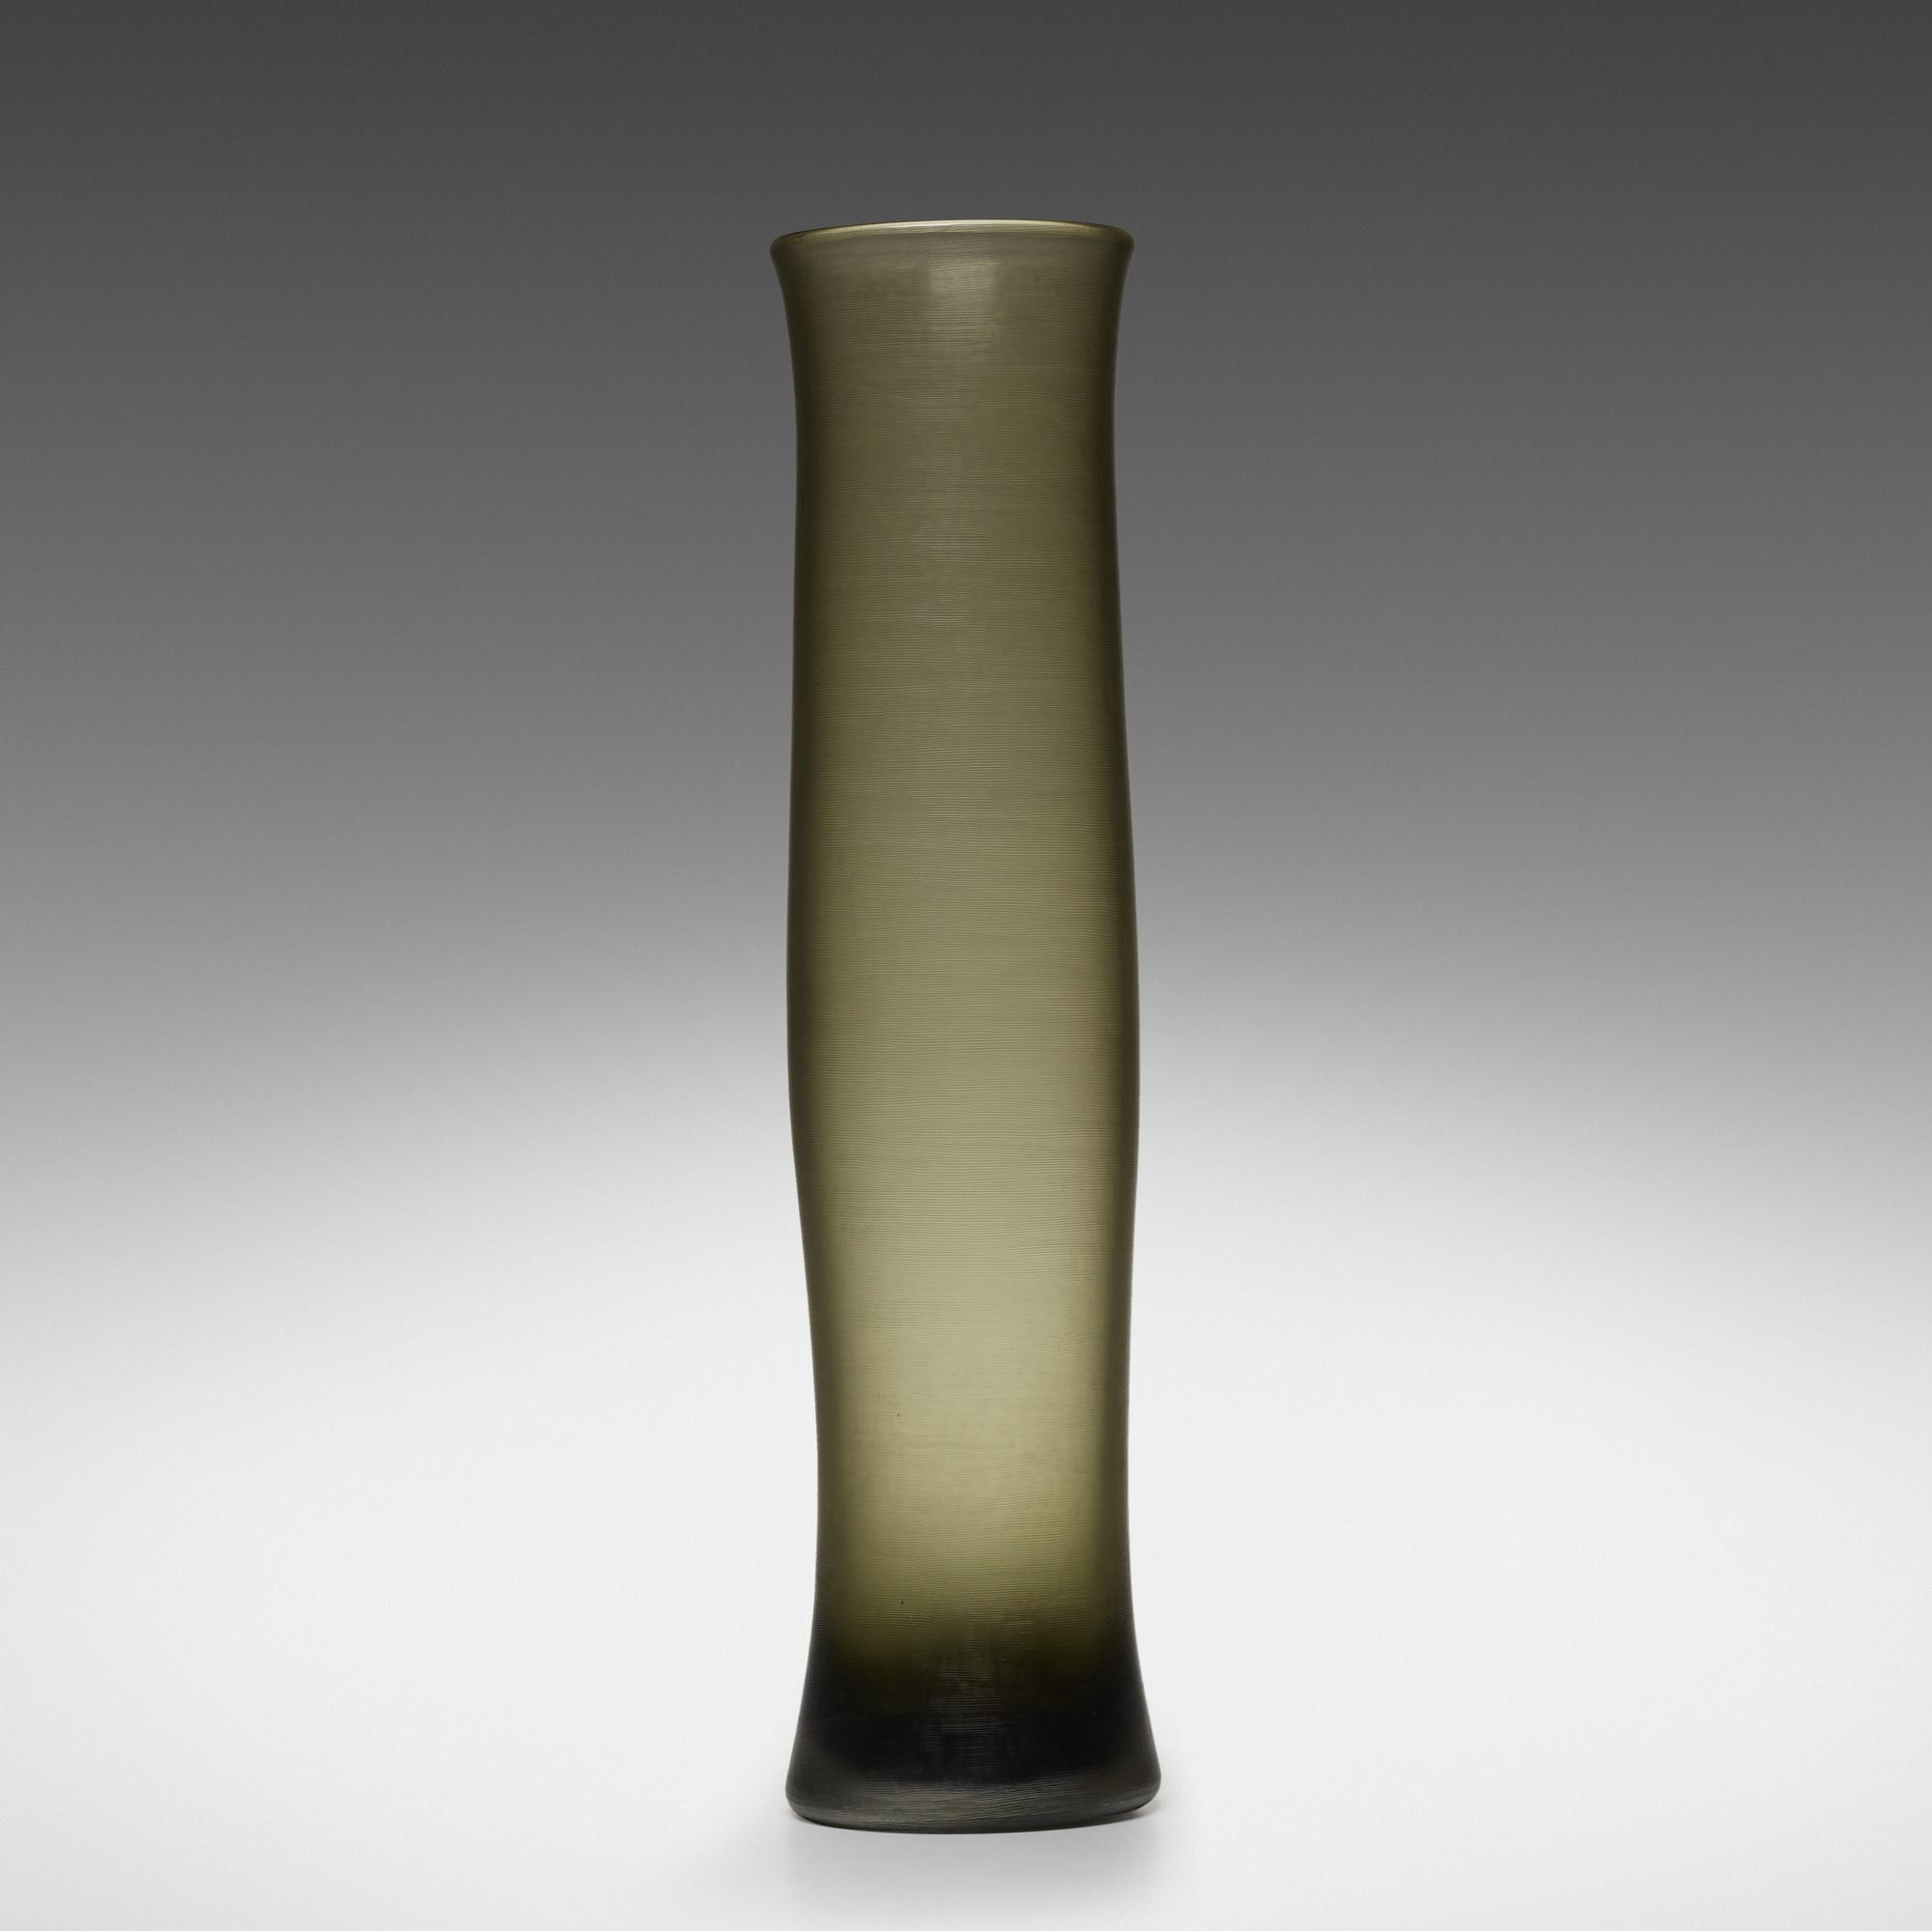 158: Paolo Venini / monumental Inciso vase (1 of 2)